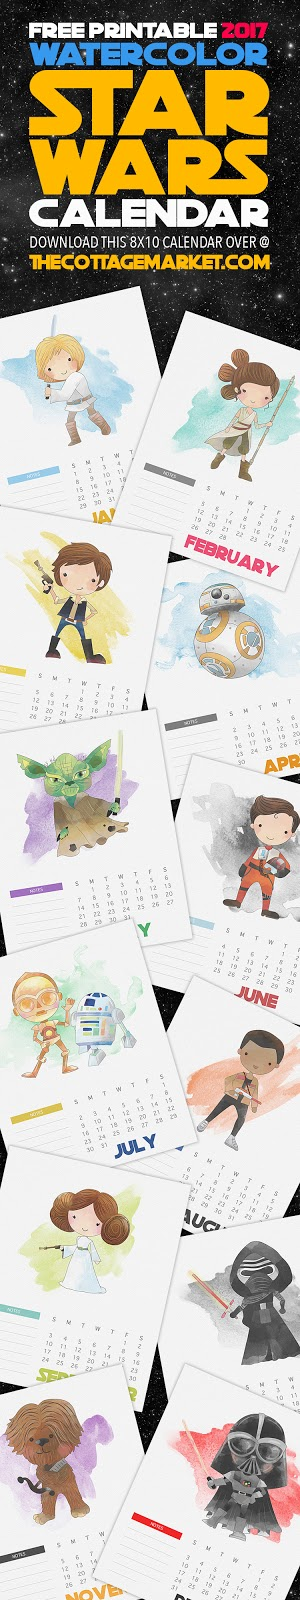 darmowe kalendarze do druku na 2017 rok.